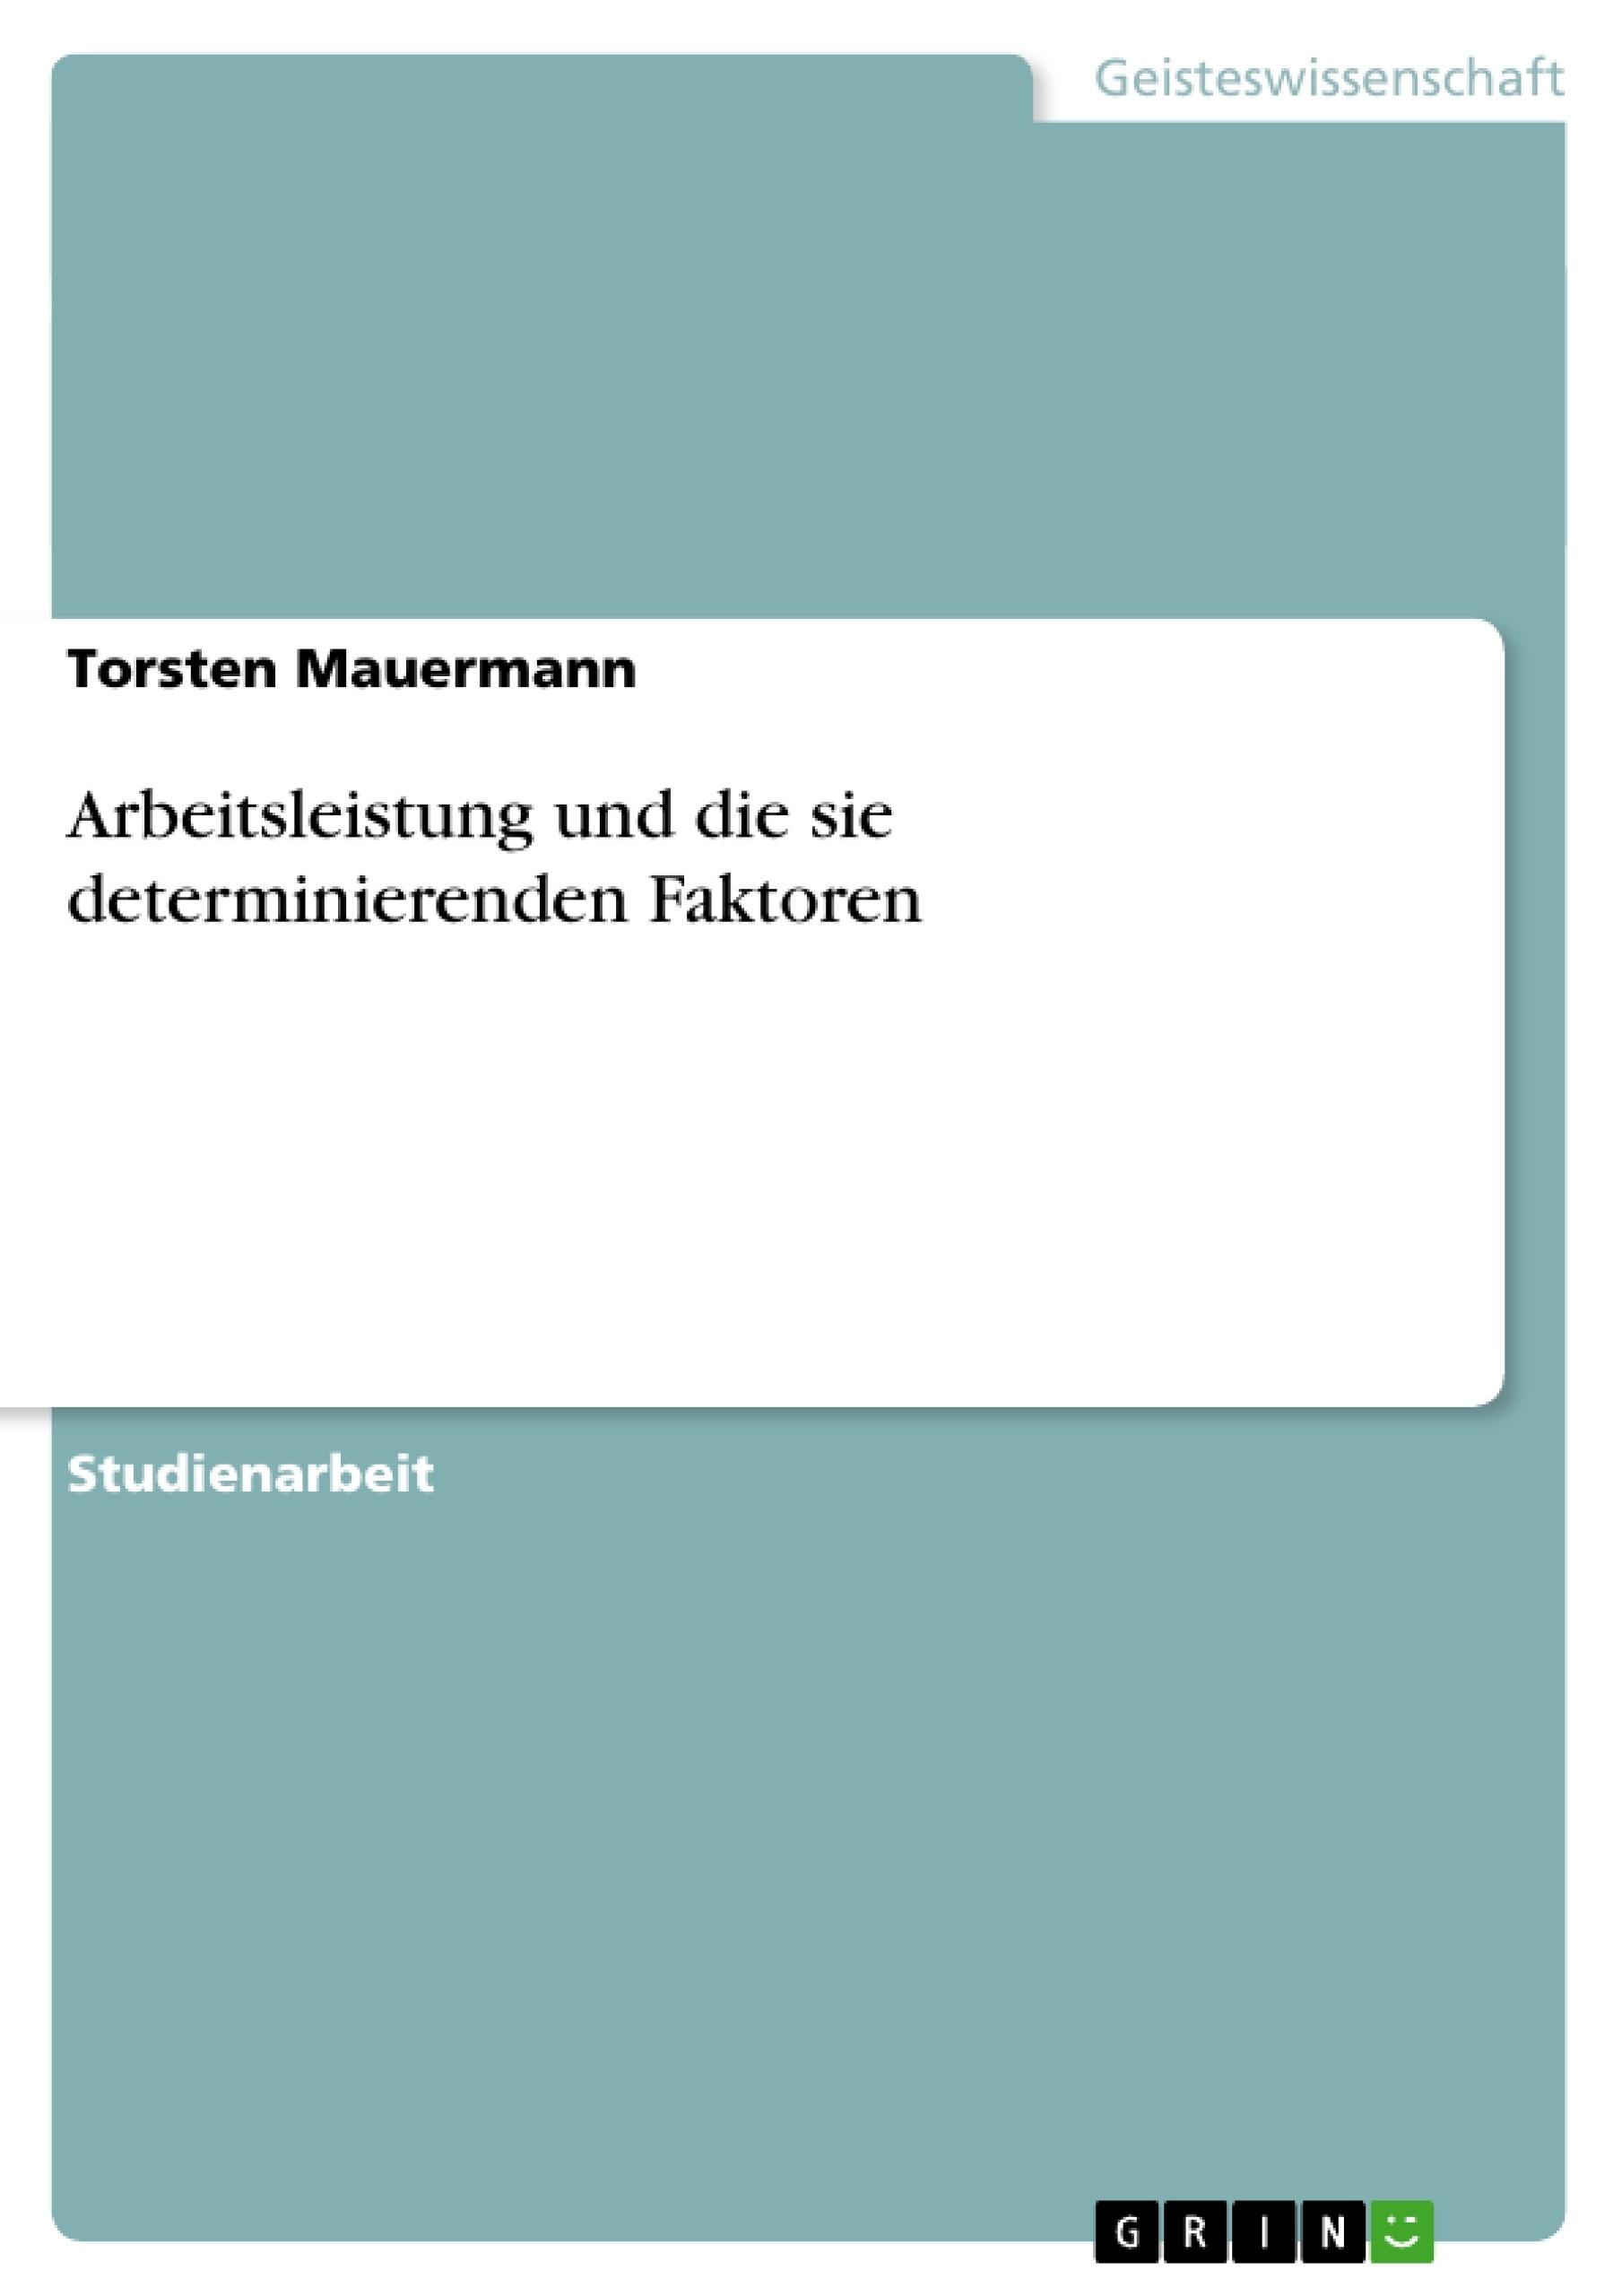 Titel: Arbeitsleistung und die sie determinierenden Faktoren